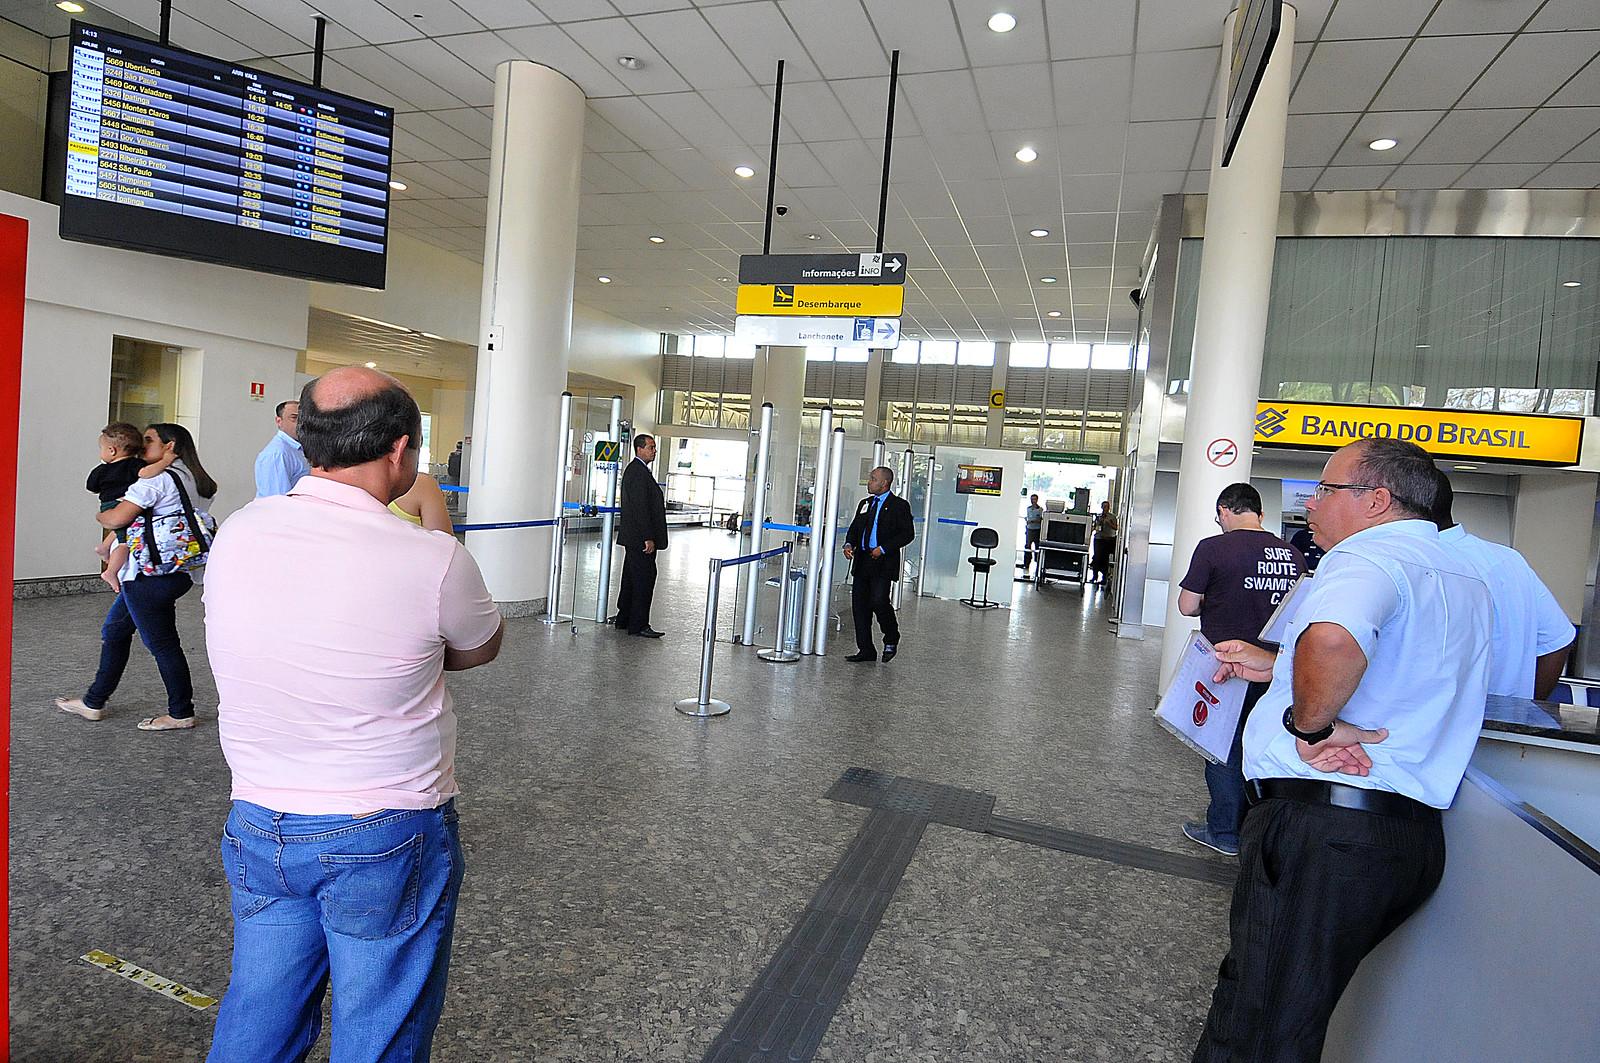 Pagina 1 - Aeroporto da Pampulha - Divino Advincula (24)